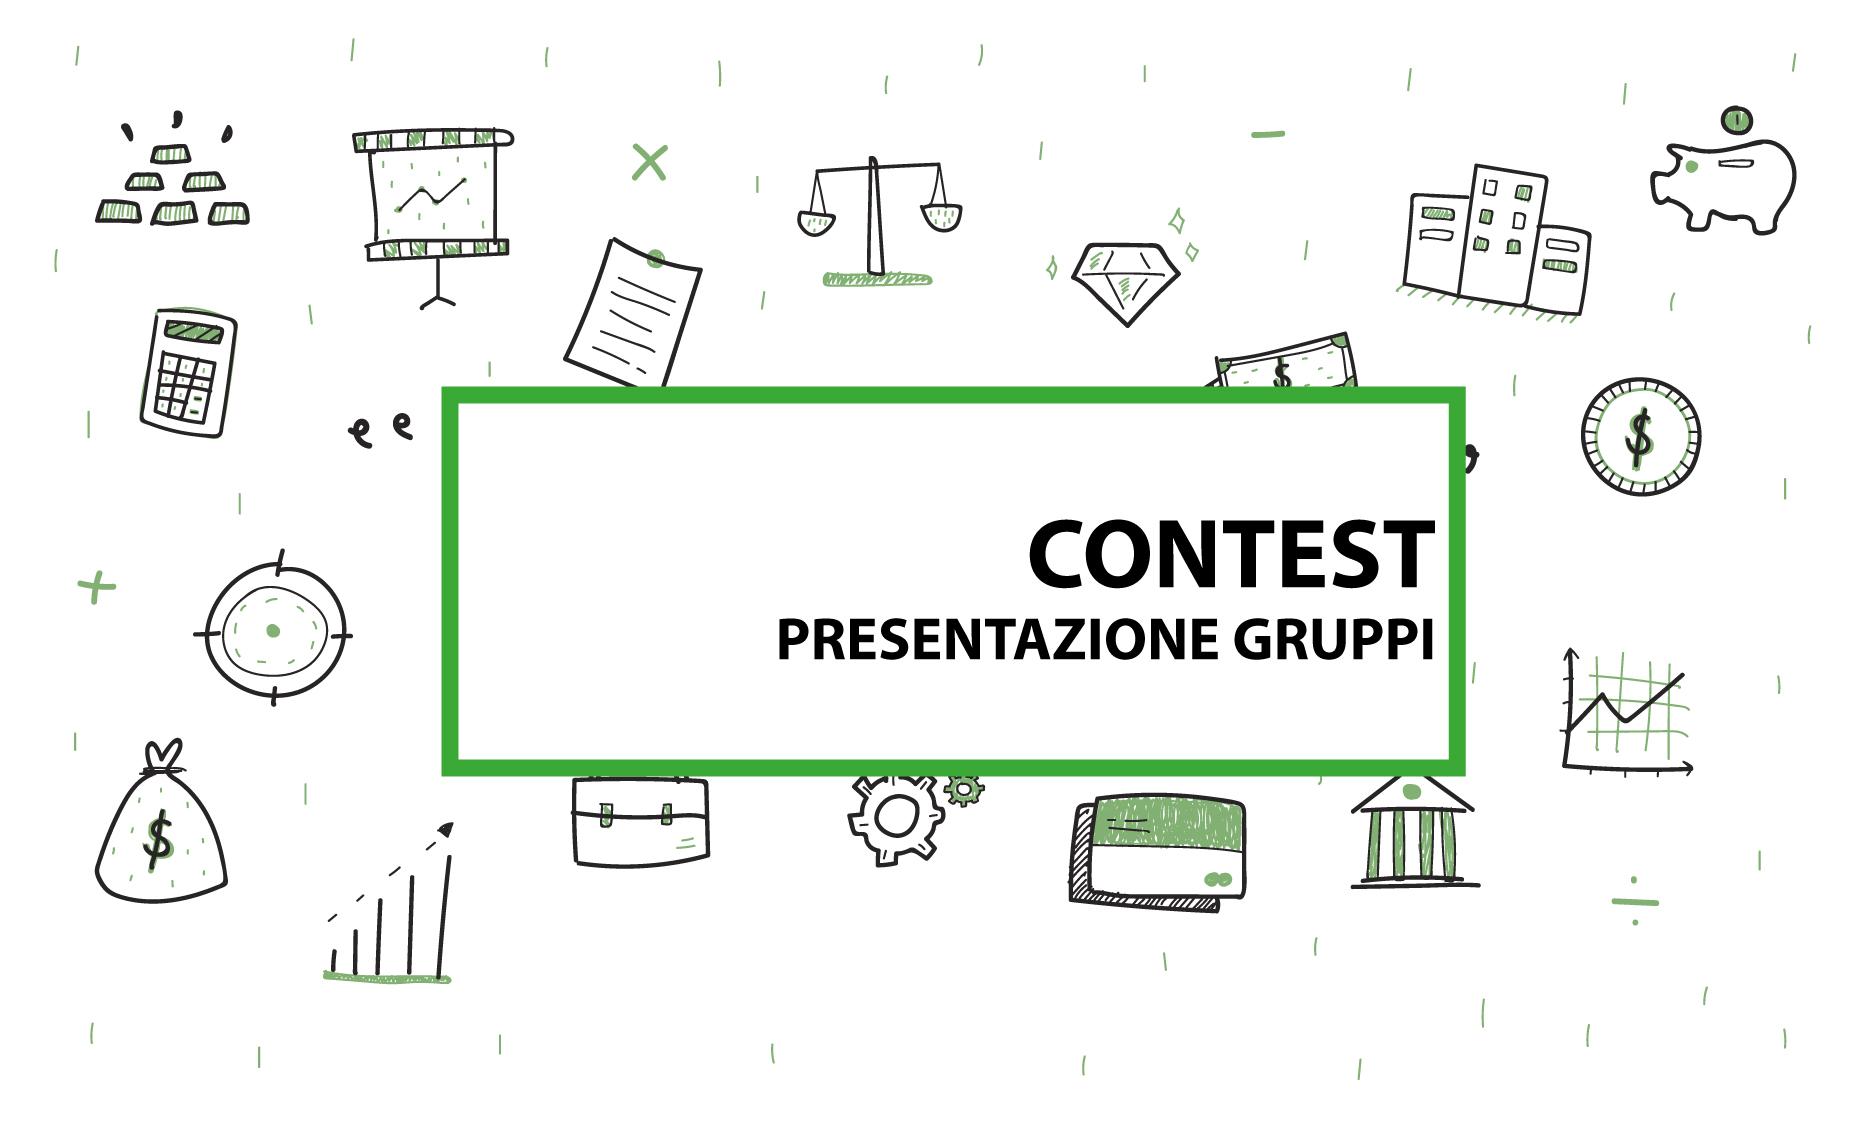 PRESENTAZIONE DEI GRUPPI PARTECIPANTI AL CONTEST R&D